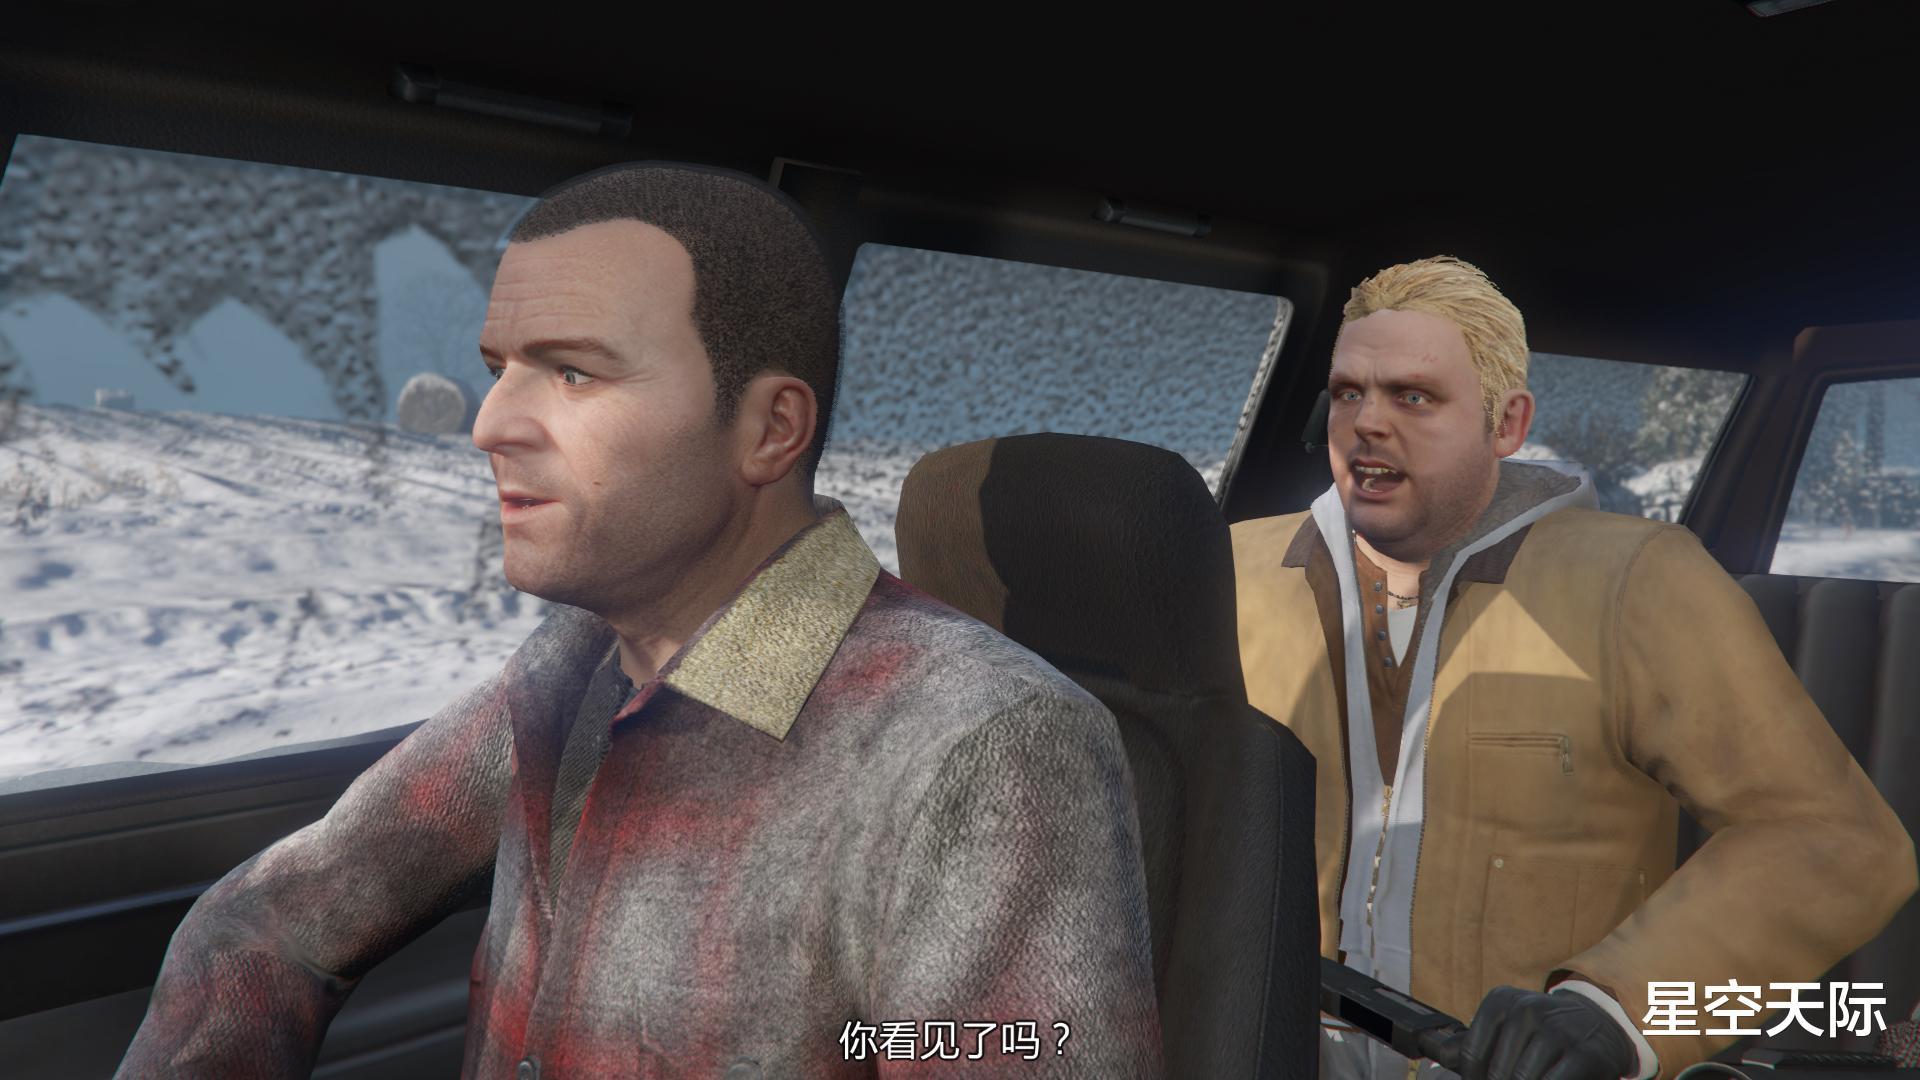 《【煜星娱乐注册官网】GTA5:崔佛为找出真相,挖麦克的墓地,最后两人反目了》